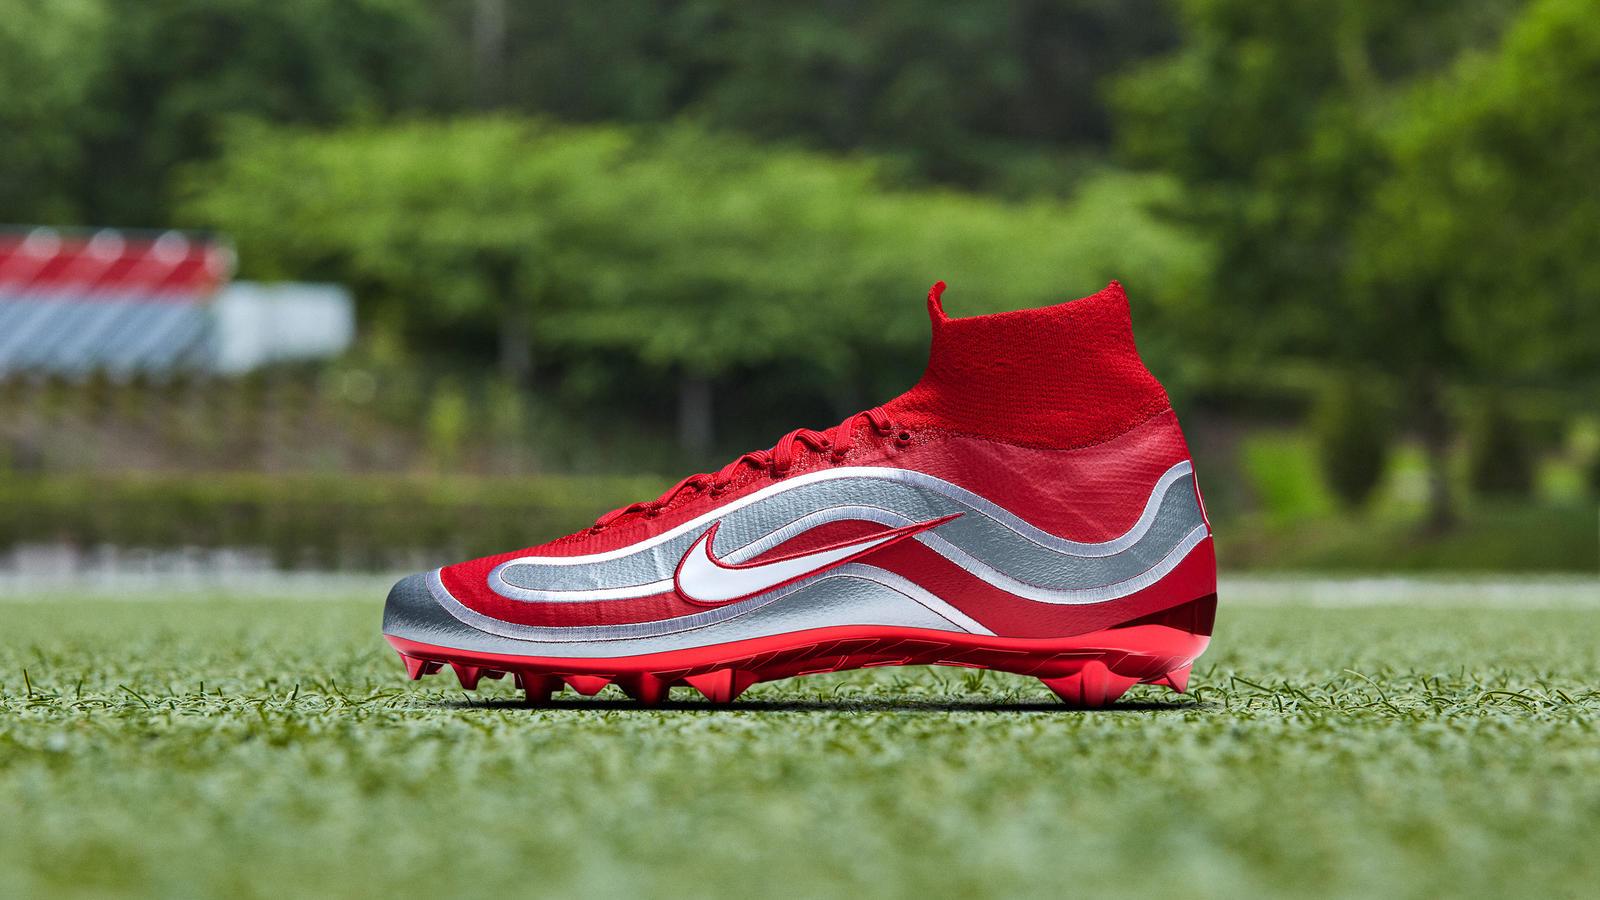 Nike Mercurial El Fenómeno Cleat 1